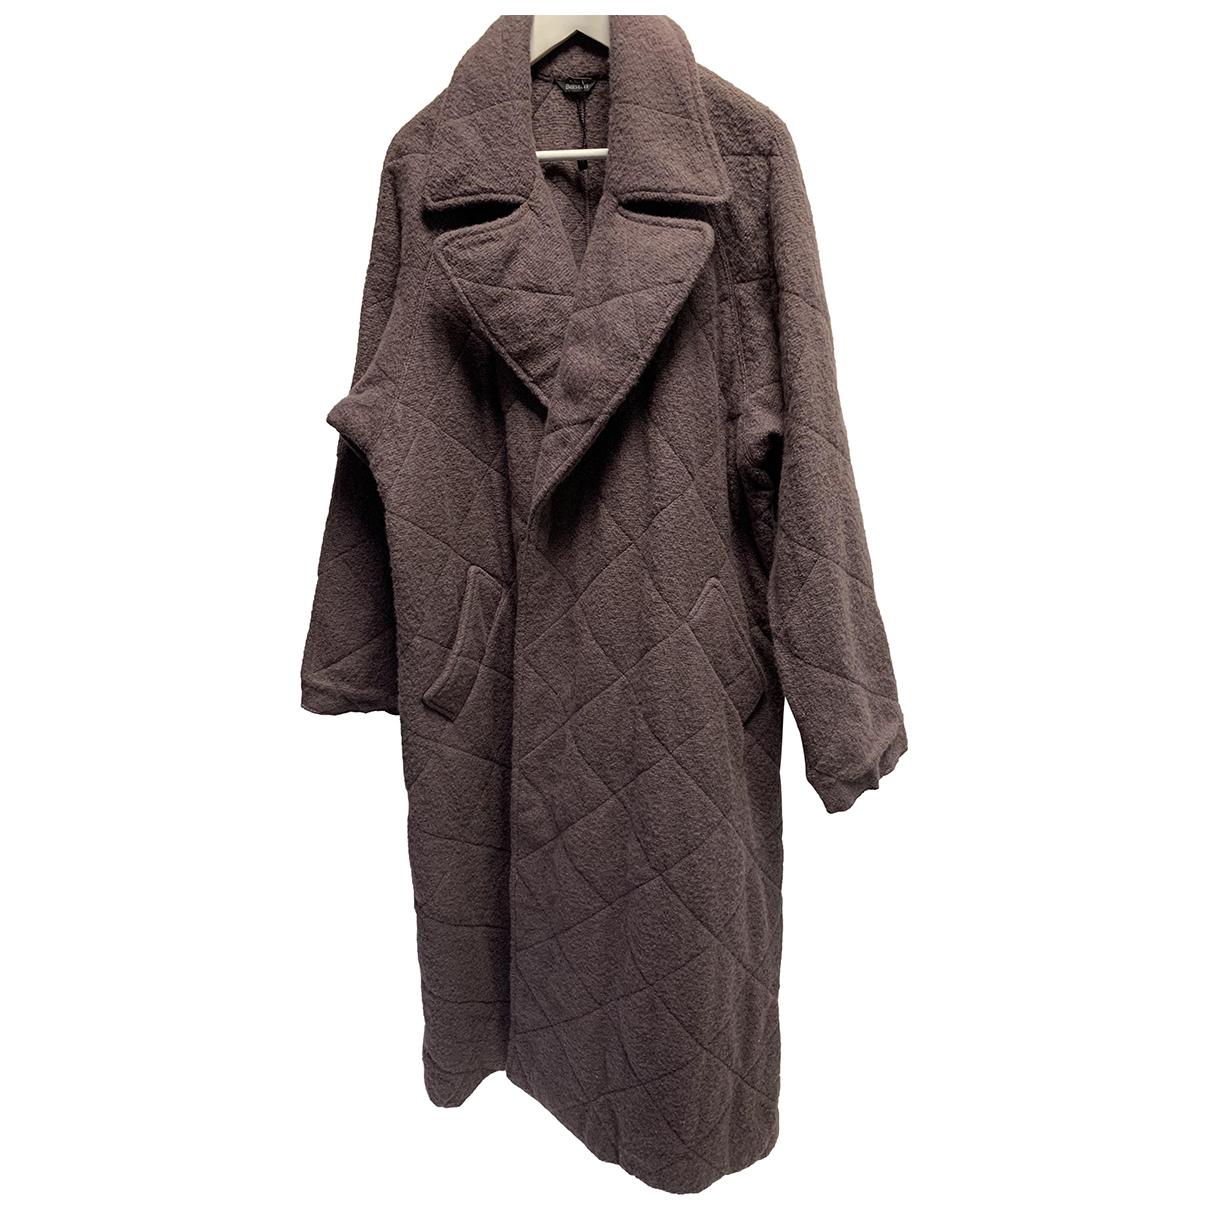 Belstaff - Manteau   pour femme en laine